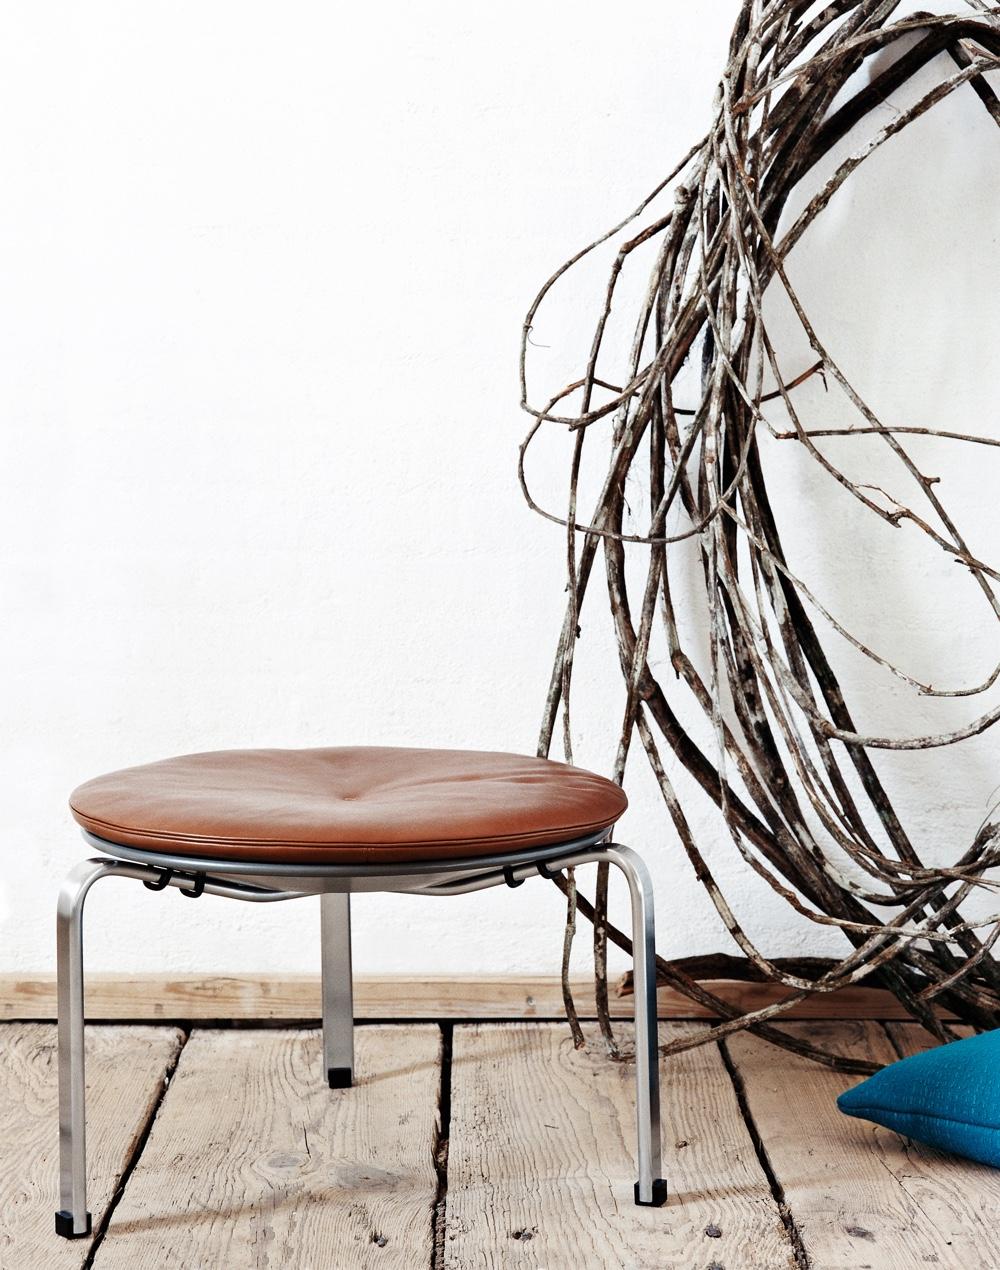 Известный датский дизайнер Poul Kjaerholm - стул PK33 в разных цветах